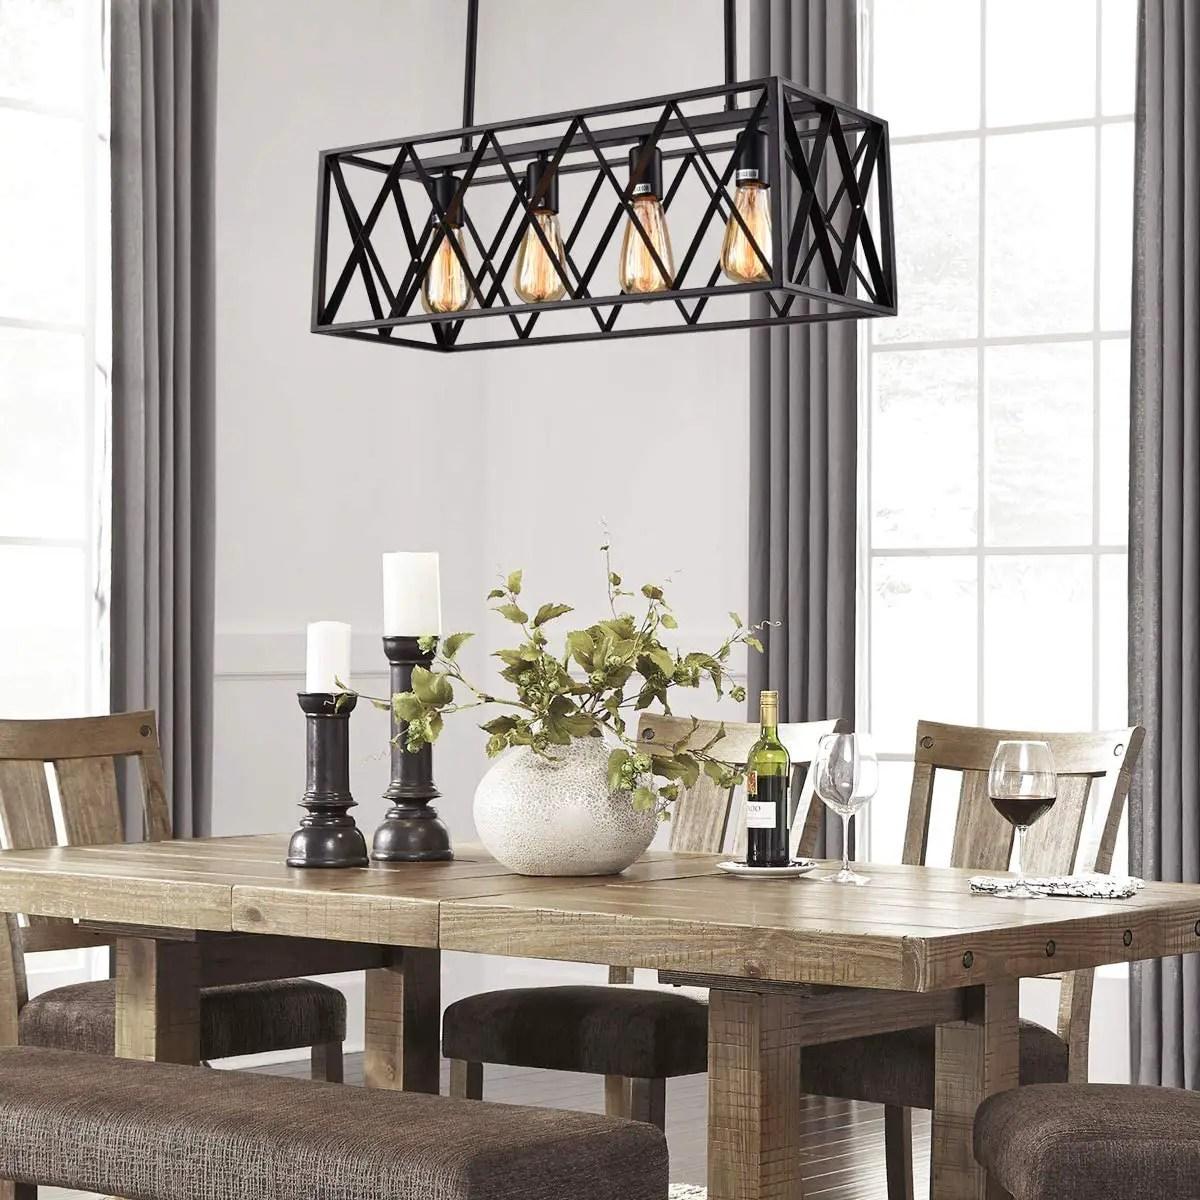 Kitchen-Island-Dining-Light-Chandelier